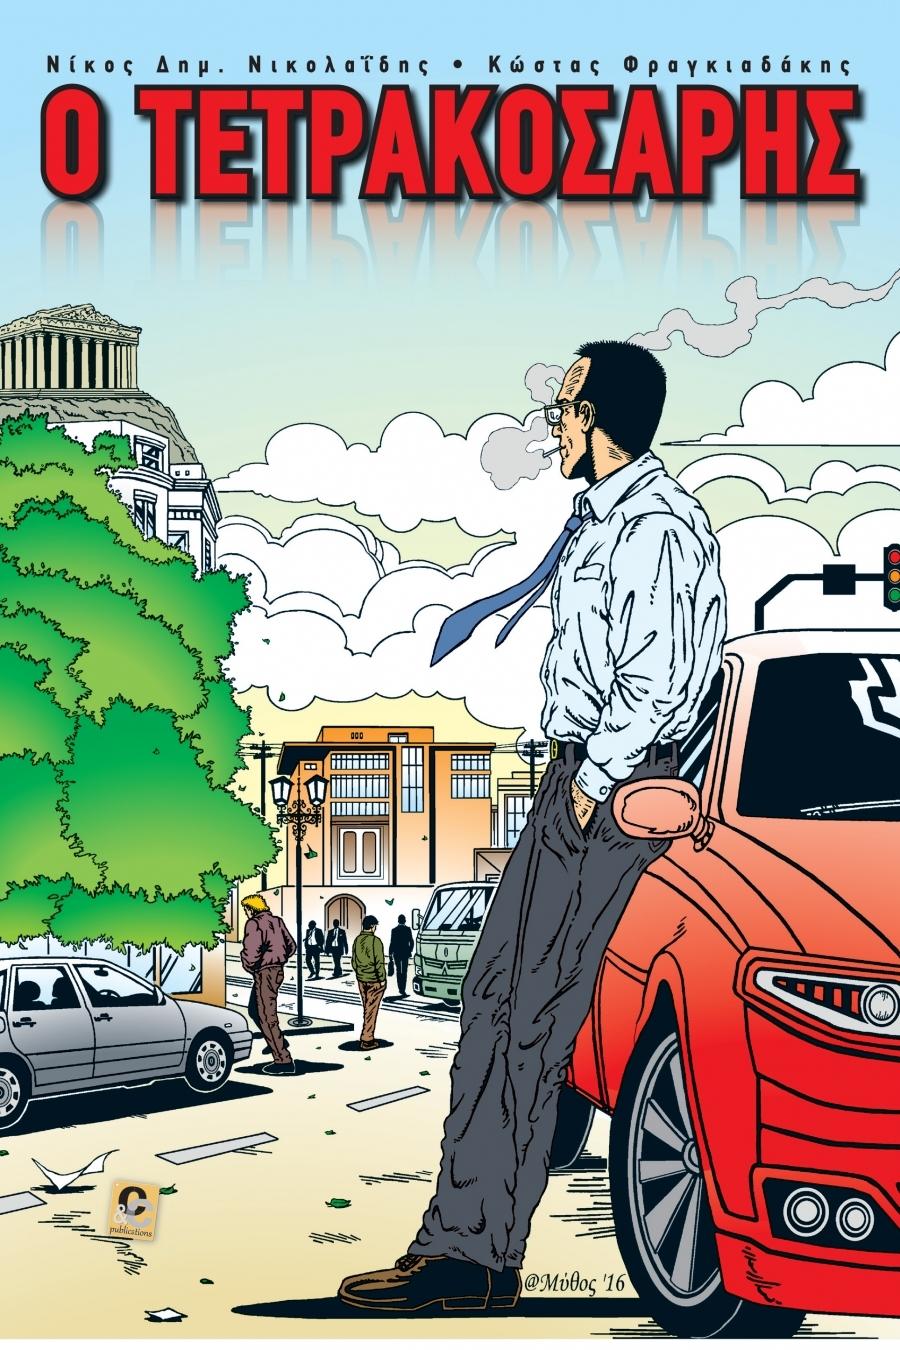 """Εξώφυλλο: Κάτω από την Ακρόπολη σε ένα δρόμο της Αθήνας ένας νέος ακουμπάει σε ένα κόκκινο αμάξι καπνίζοντας. Ο Τίτλος: """" Ο ΤΕΤΡΑΚΟΣΑΡΗΣ"""" και από πάνω τα ονόματα Νίκος Δημ. Νικολαΐδης, Κώστας Φραγκιαδάκης"""